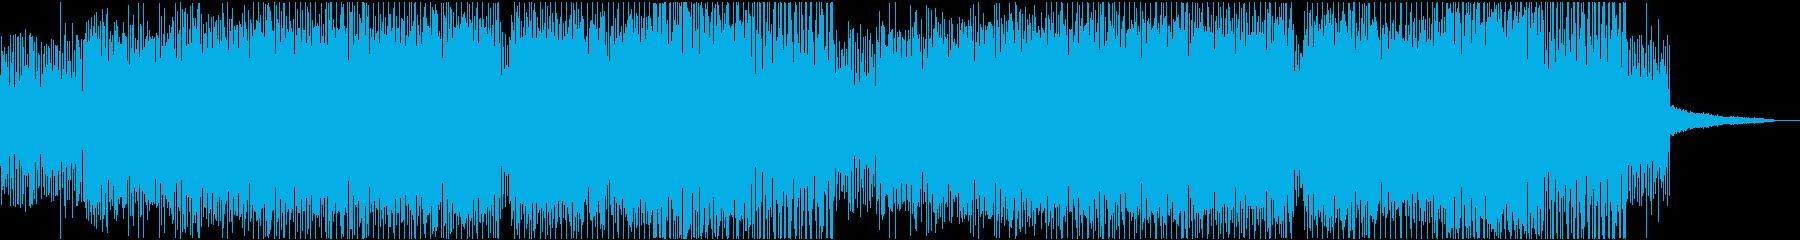 不気味な雰囲気の無機質で退廃的な電子音楽の再生済みの波形